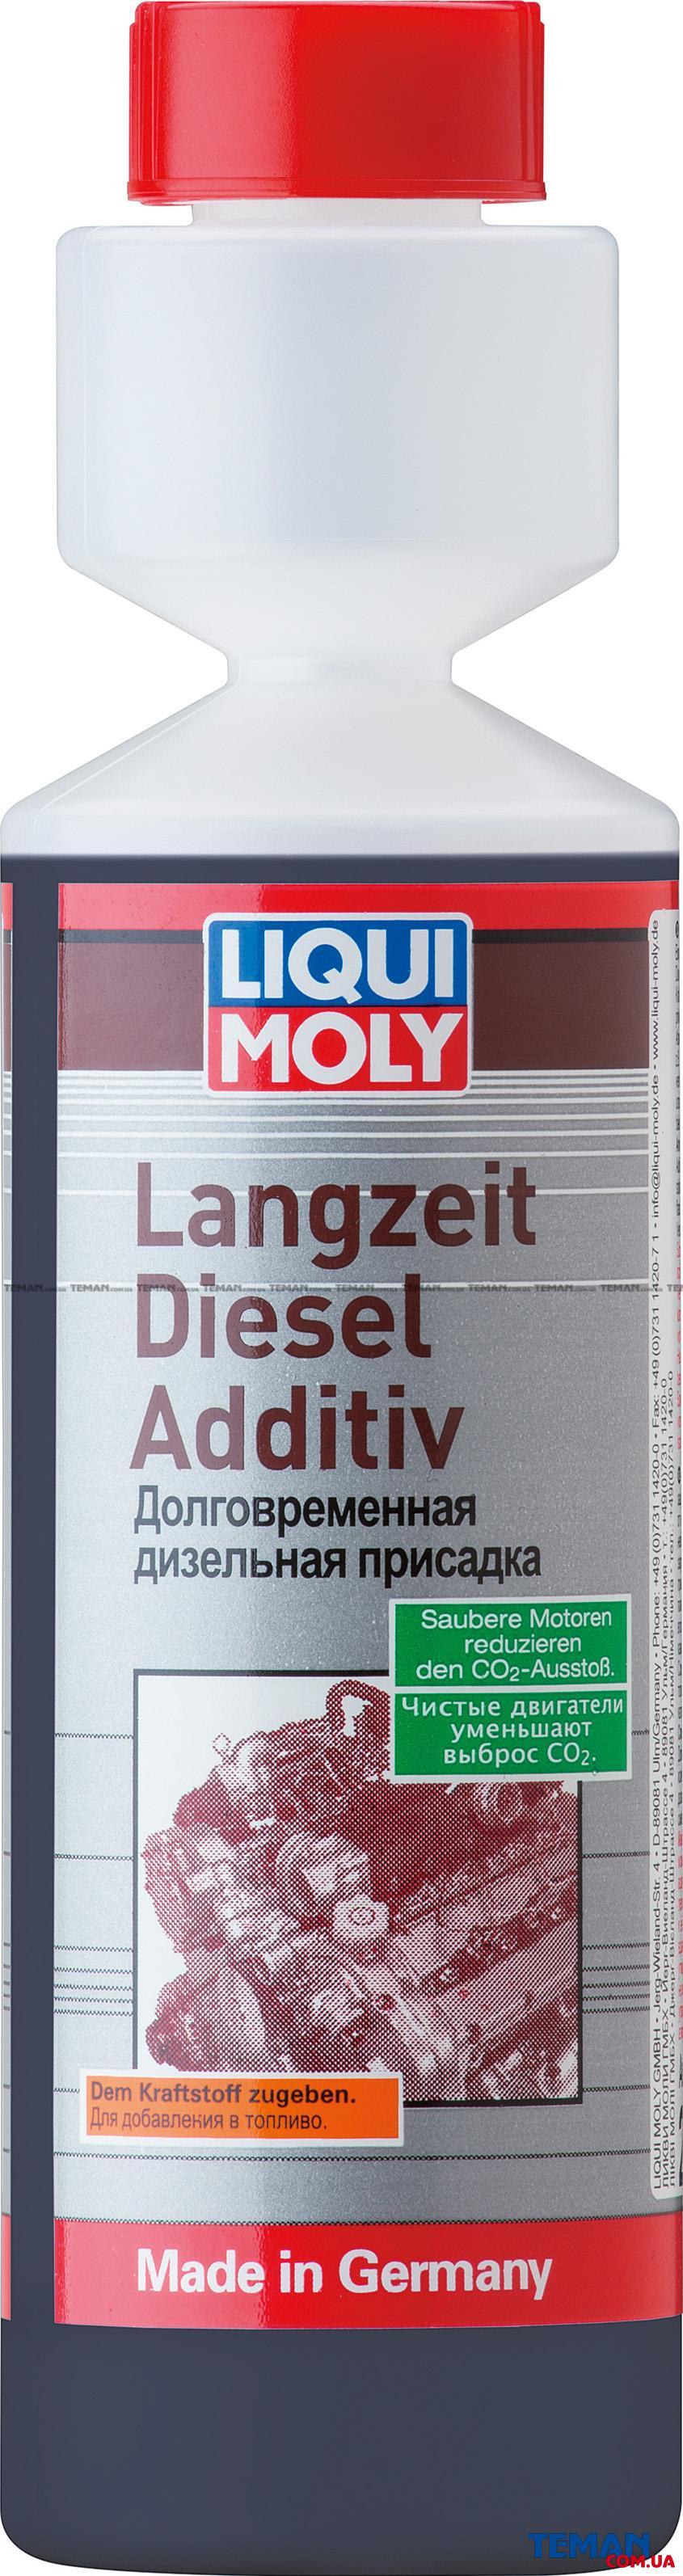 Долговременная дизельная присадка Langzeit Diesel Additiv, 250 мл